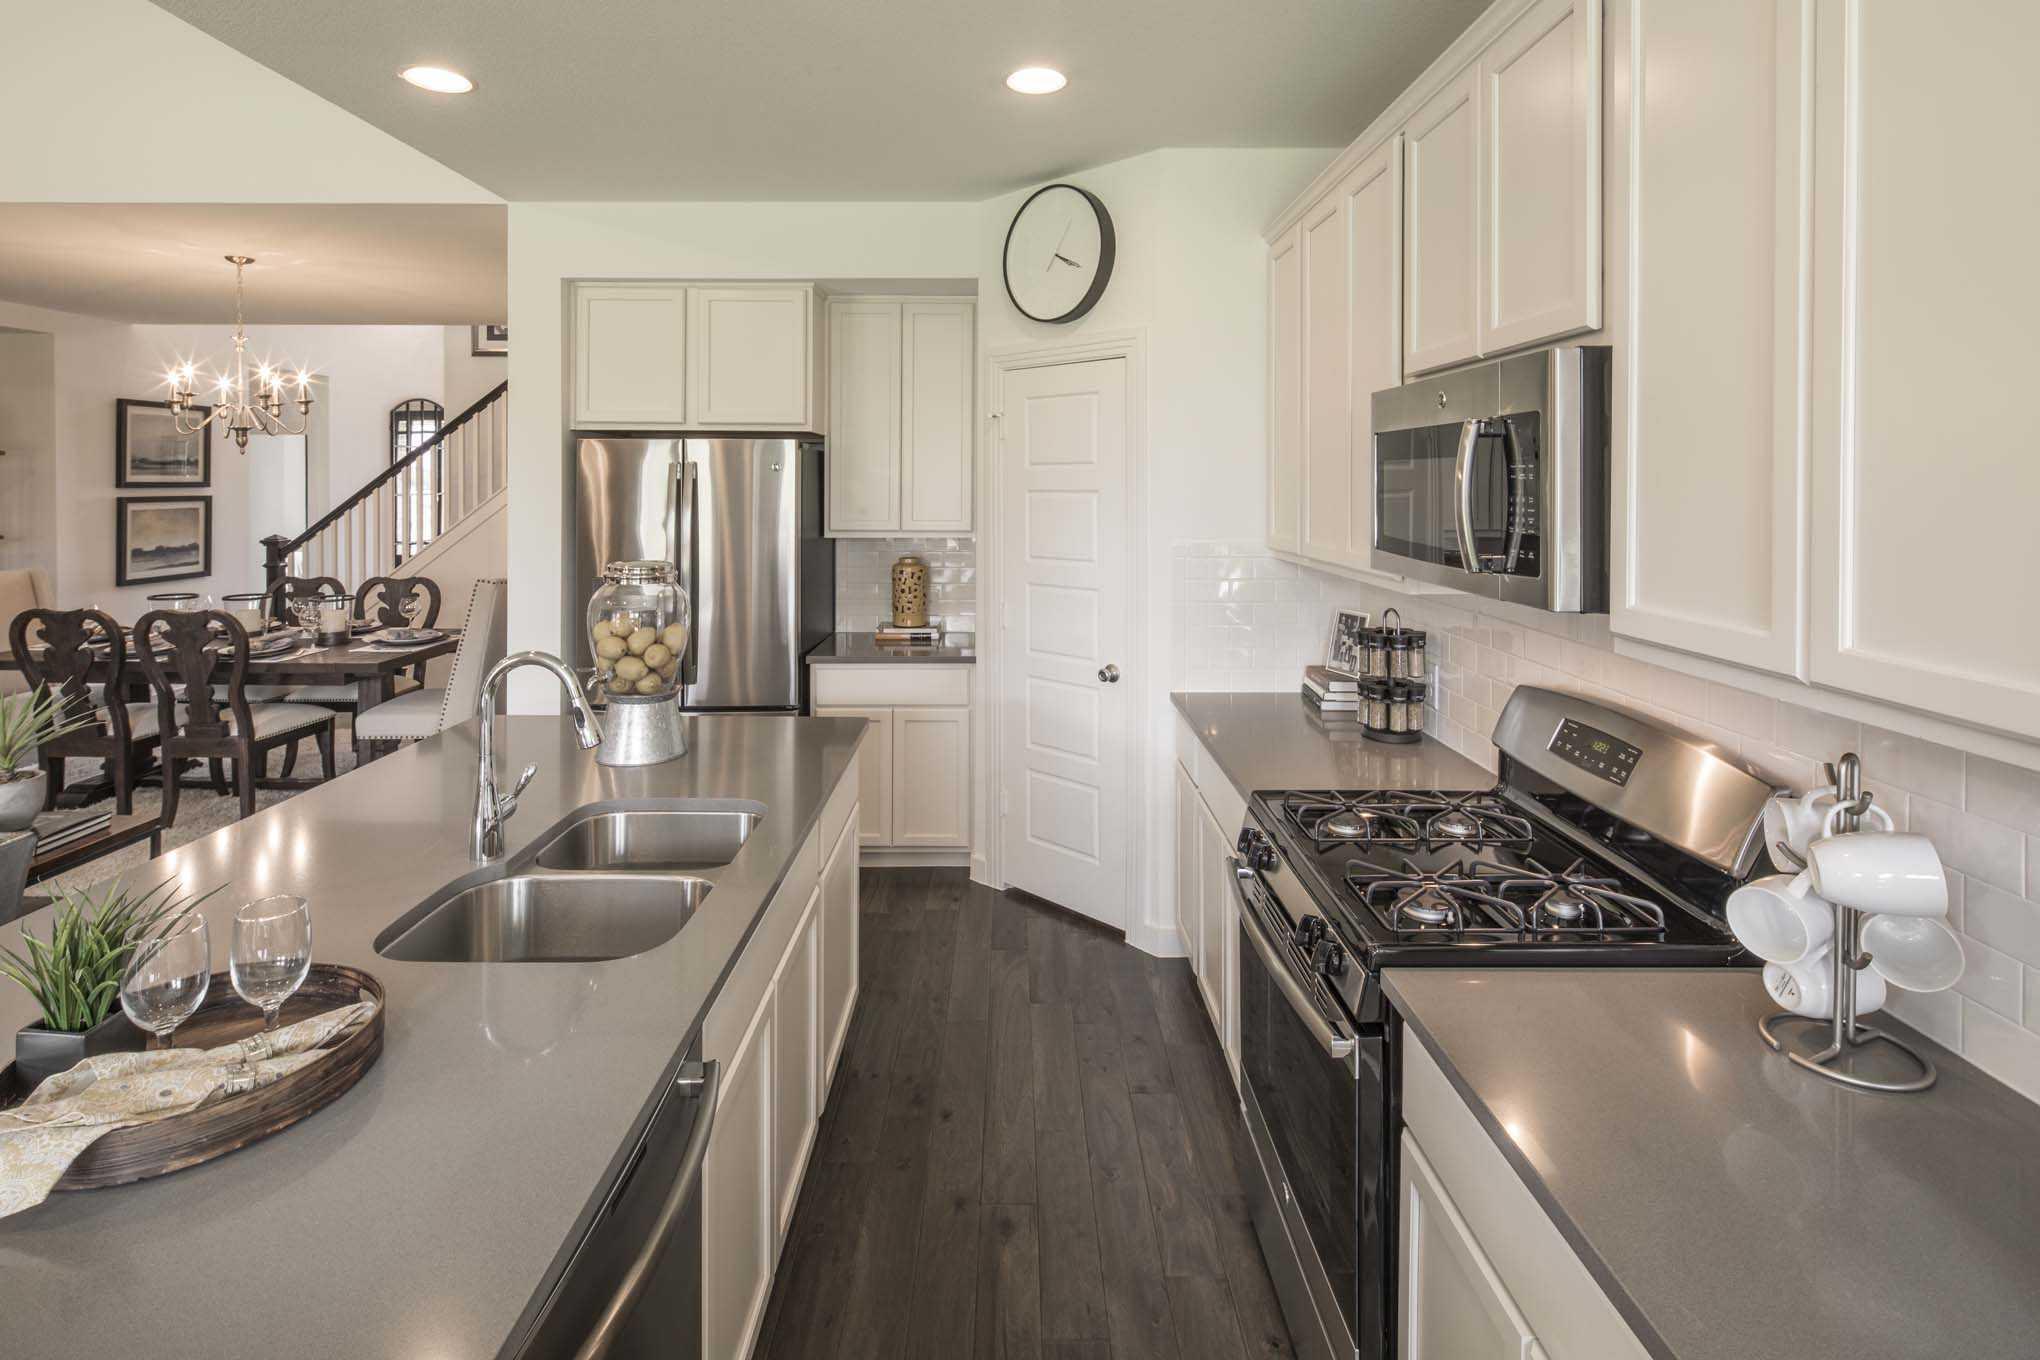 Kitchen-in-Plan Westbury-at-Union Park: Artisan Series - 50ft. lots-in-Aubrey